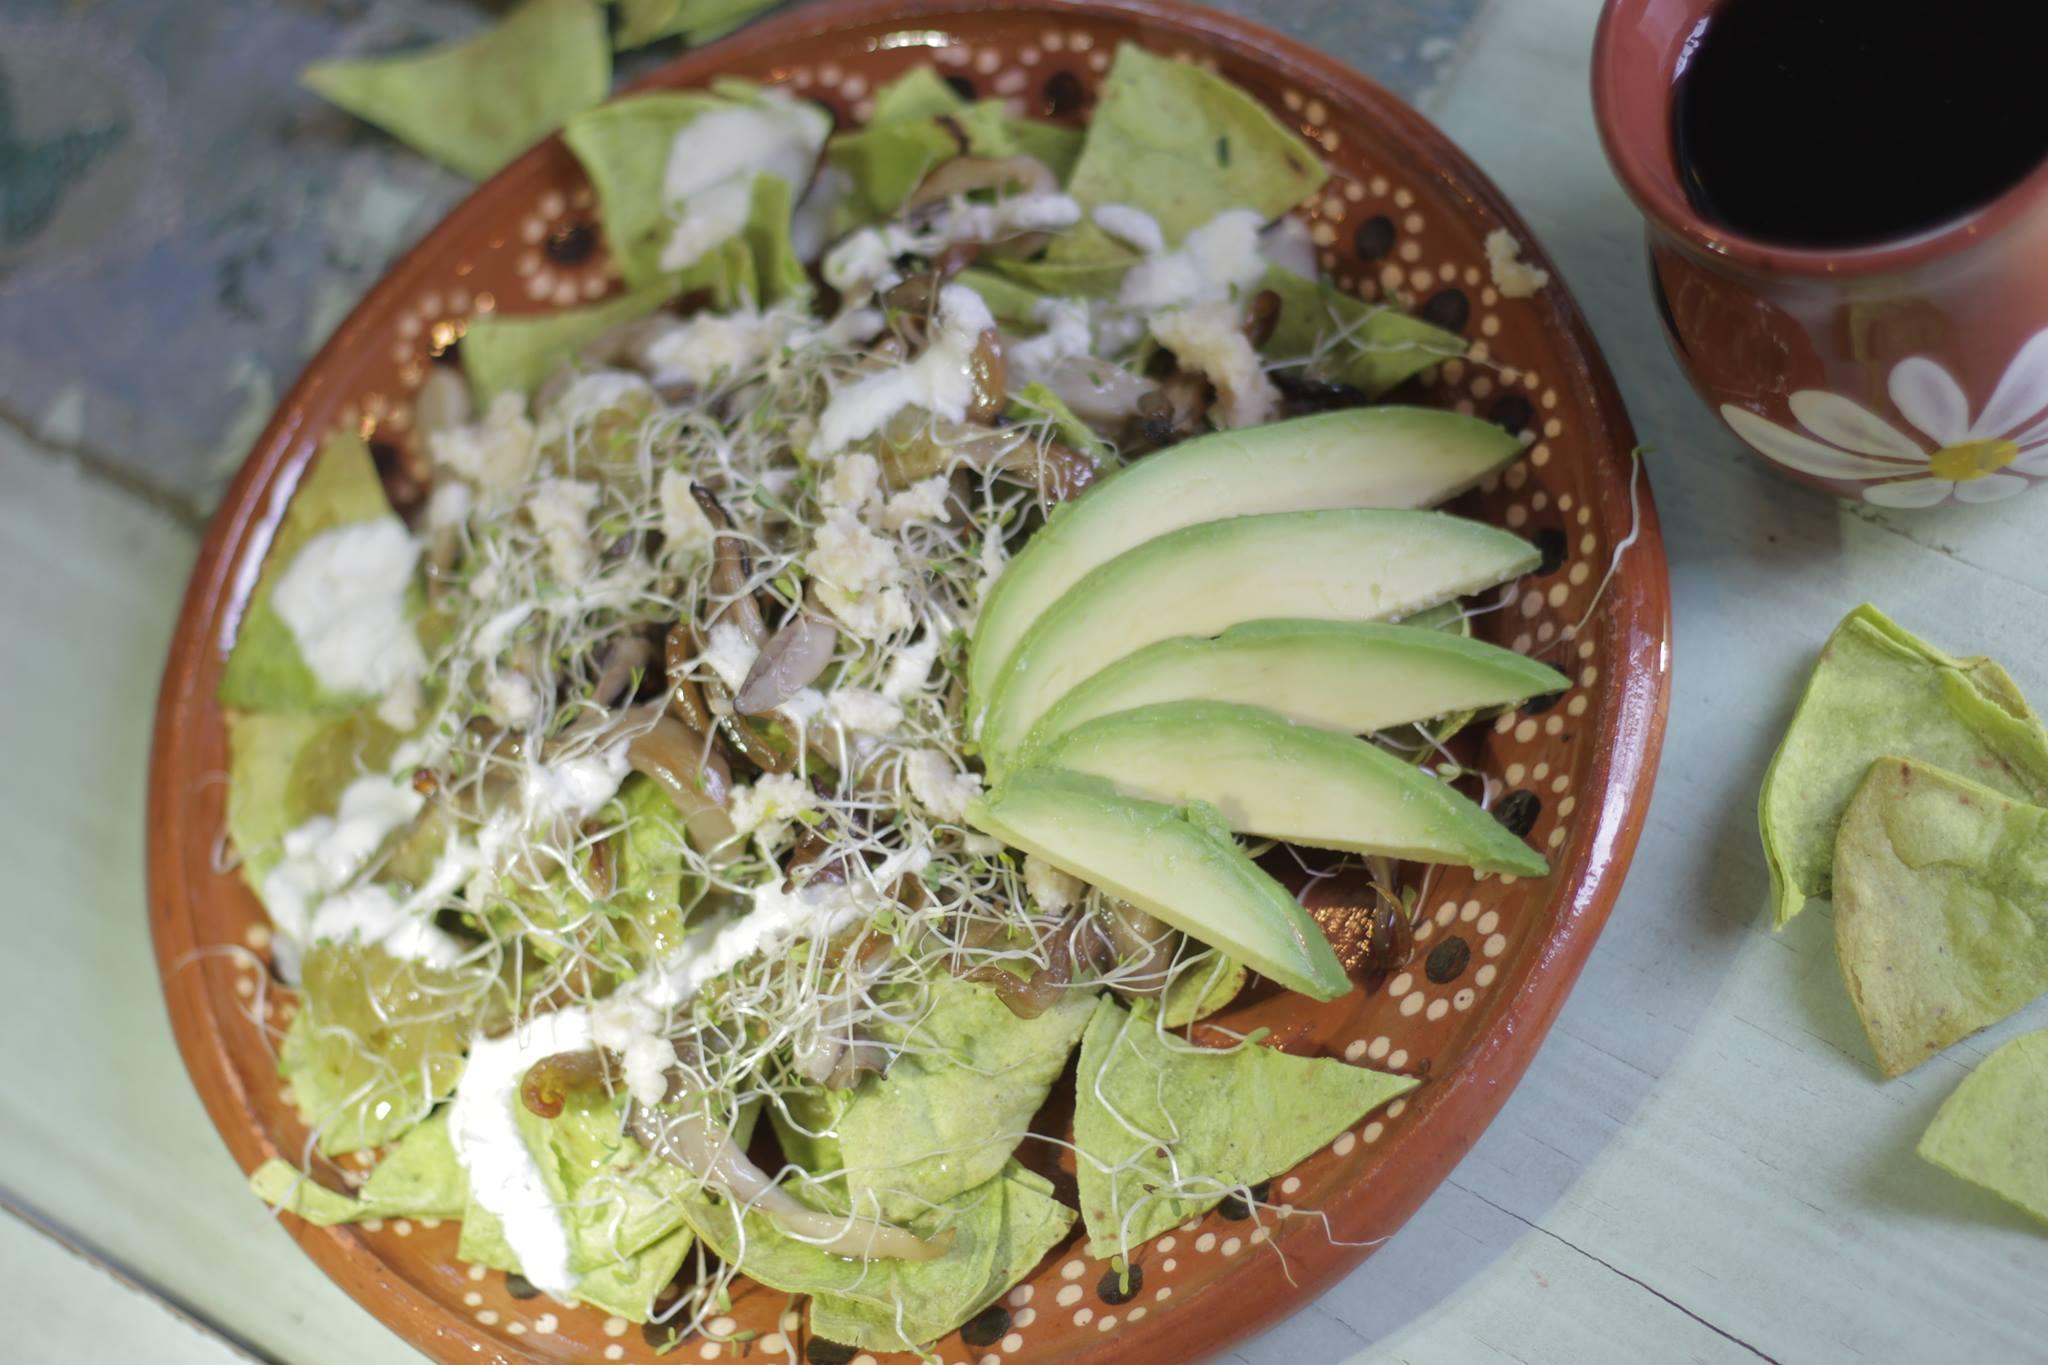 Chilaquiles aus Kaktusmehl mit grüner Chili-Sauce